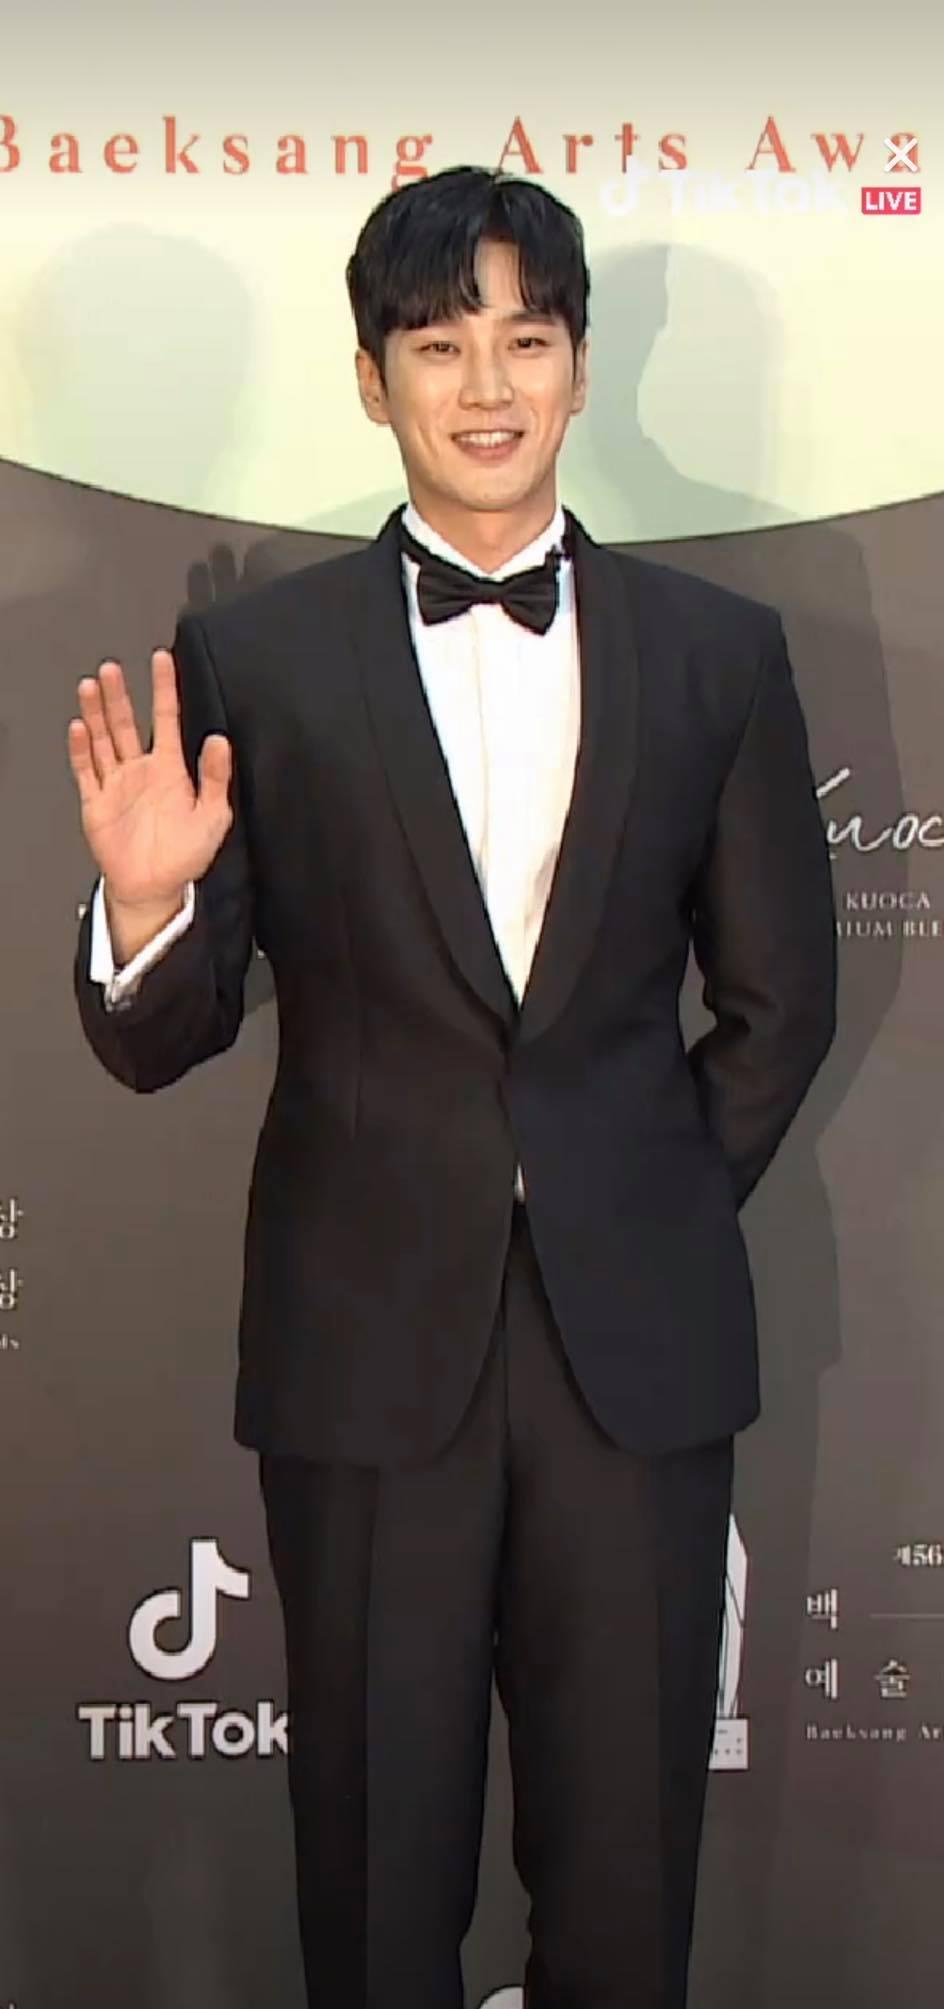 Thảm đỏ Baeksang Arts Awards 2020: 'Chị đại Triều Tiên' Seo Ji Hye chiếm spotlight với váy trắng lấp lánh, Kwon Nara diện váy hồng 'sến sẩm' 6